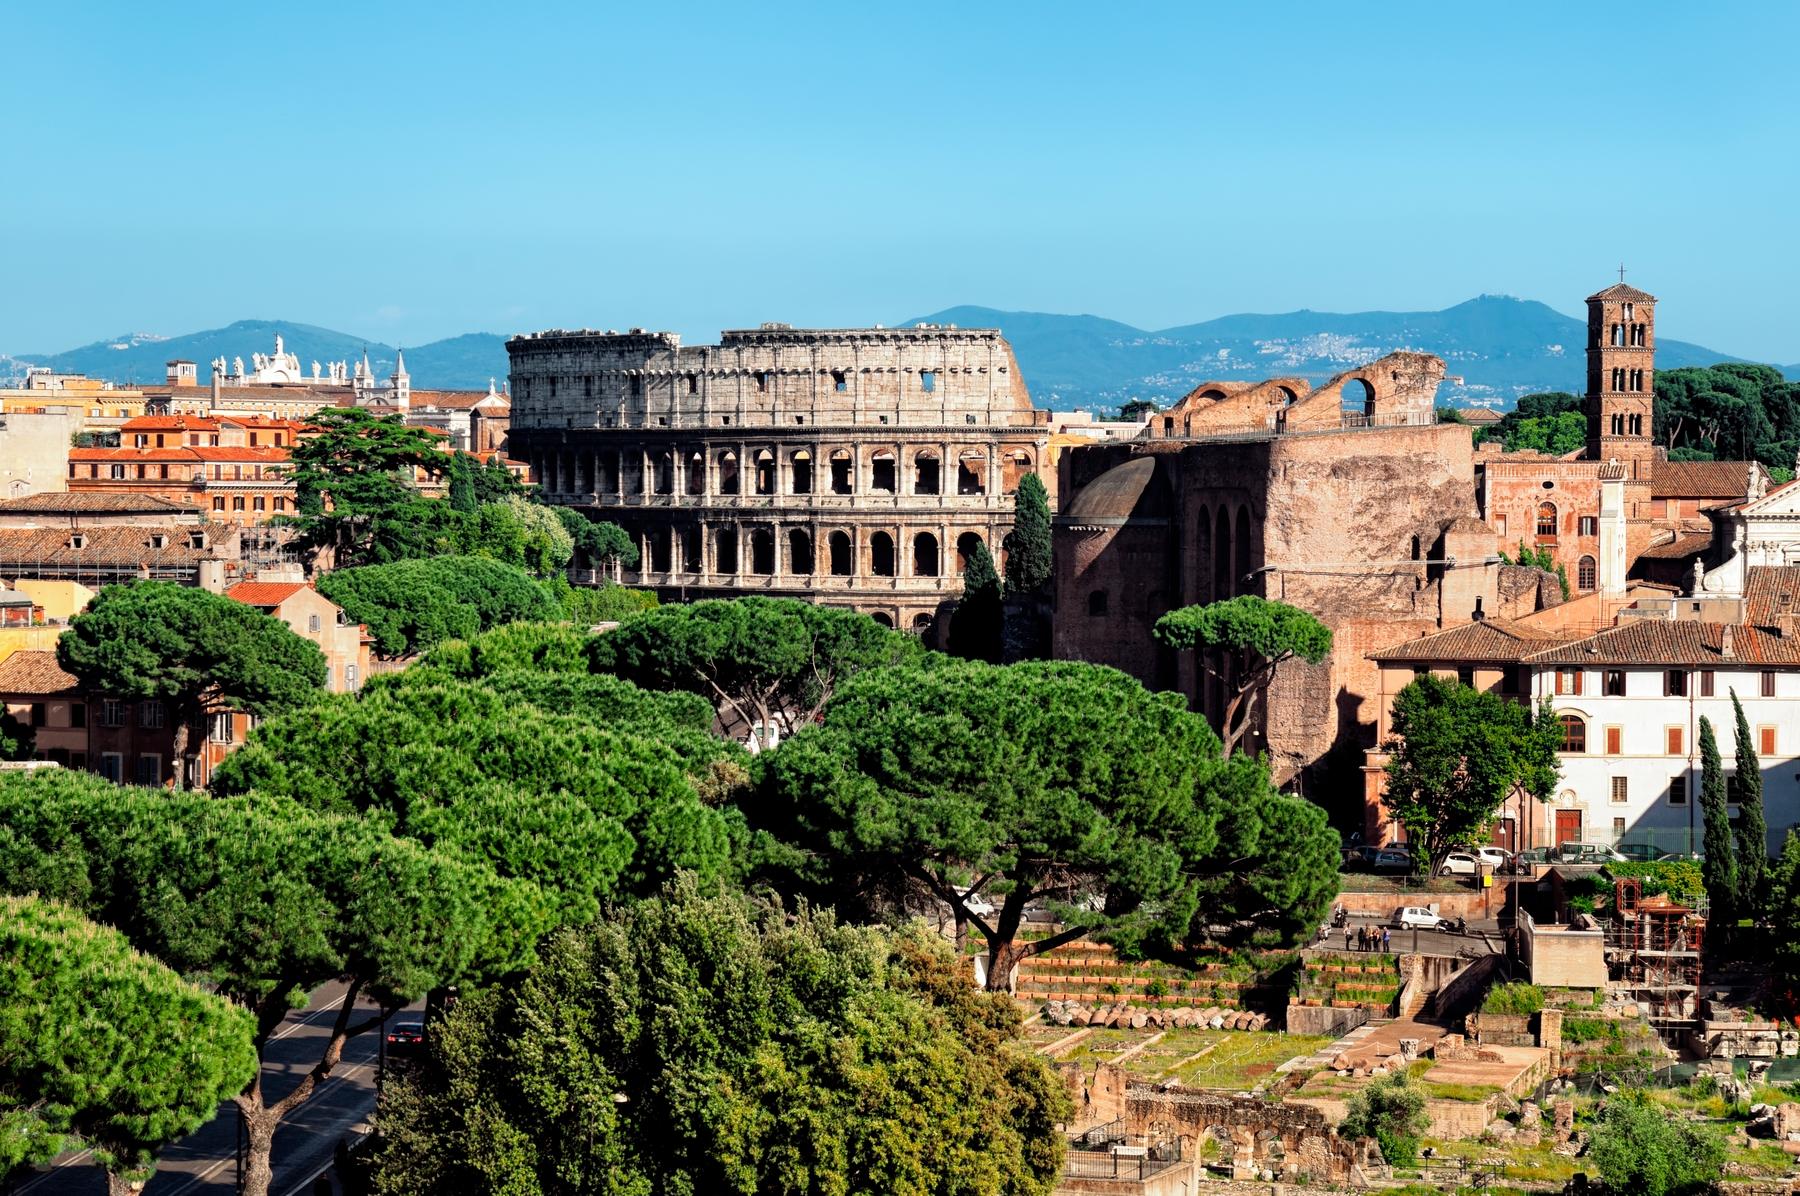 Posti da vedere in Italia: Colosseo, Roma